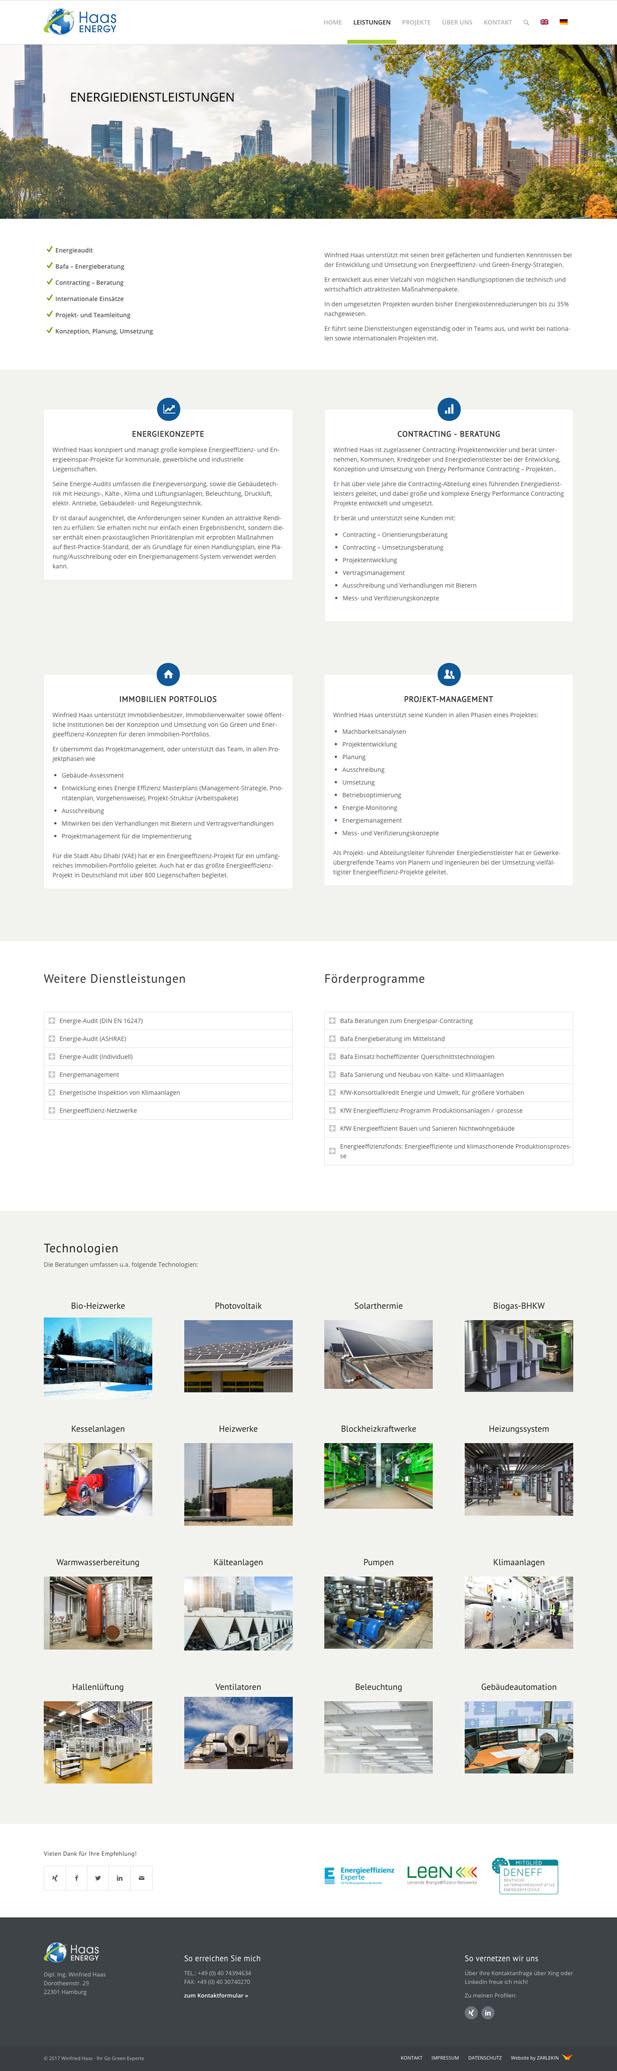 Screenshot der Seite 'Leistungen' auf www.haas-energy.com